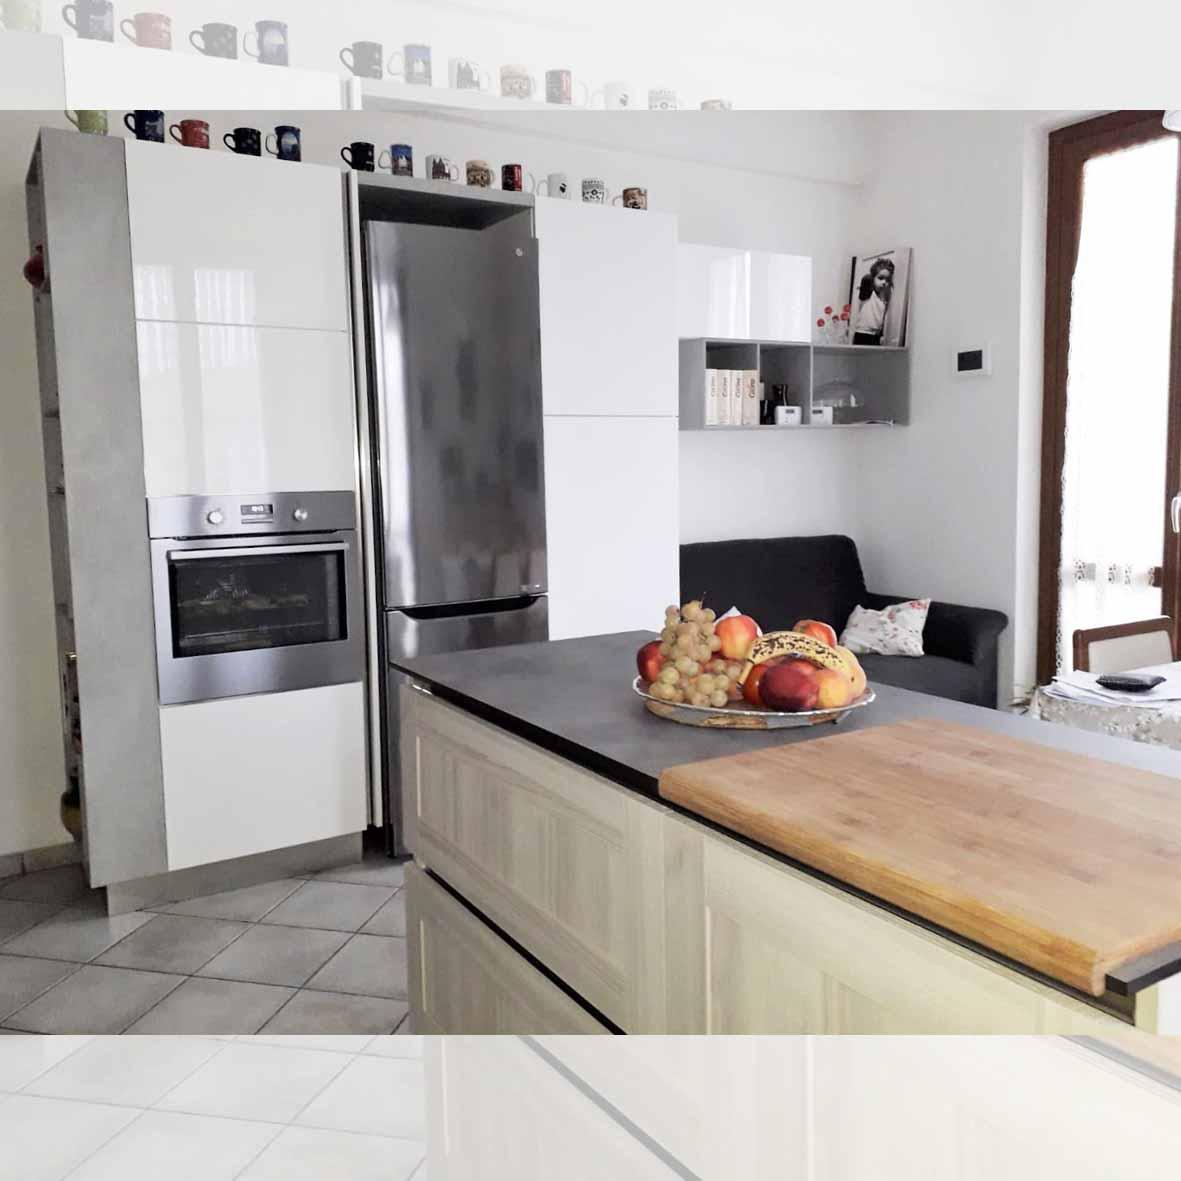 centro dell'arredamento-savona-cucina-arredo3-colonne-cloe